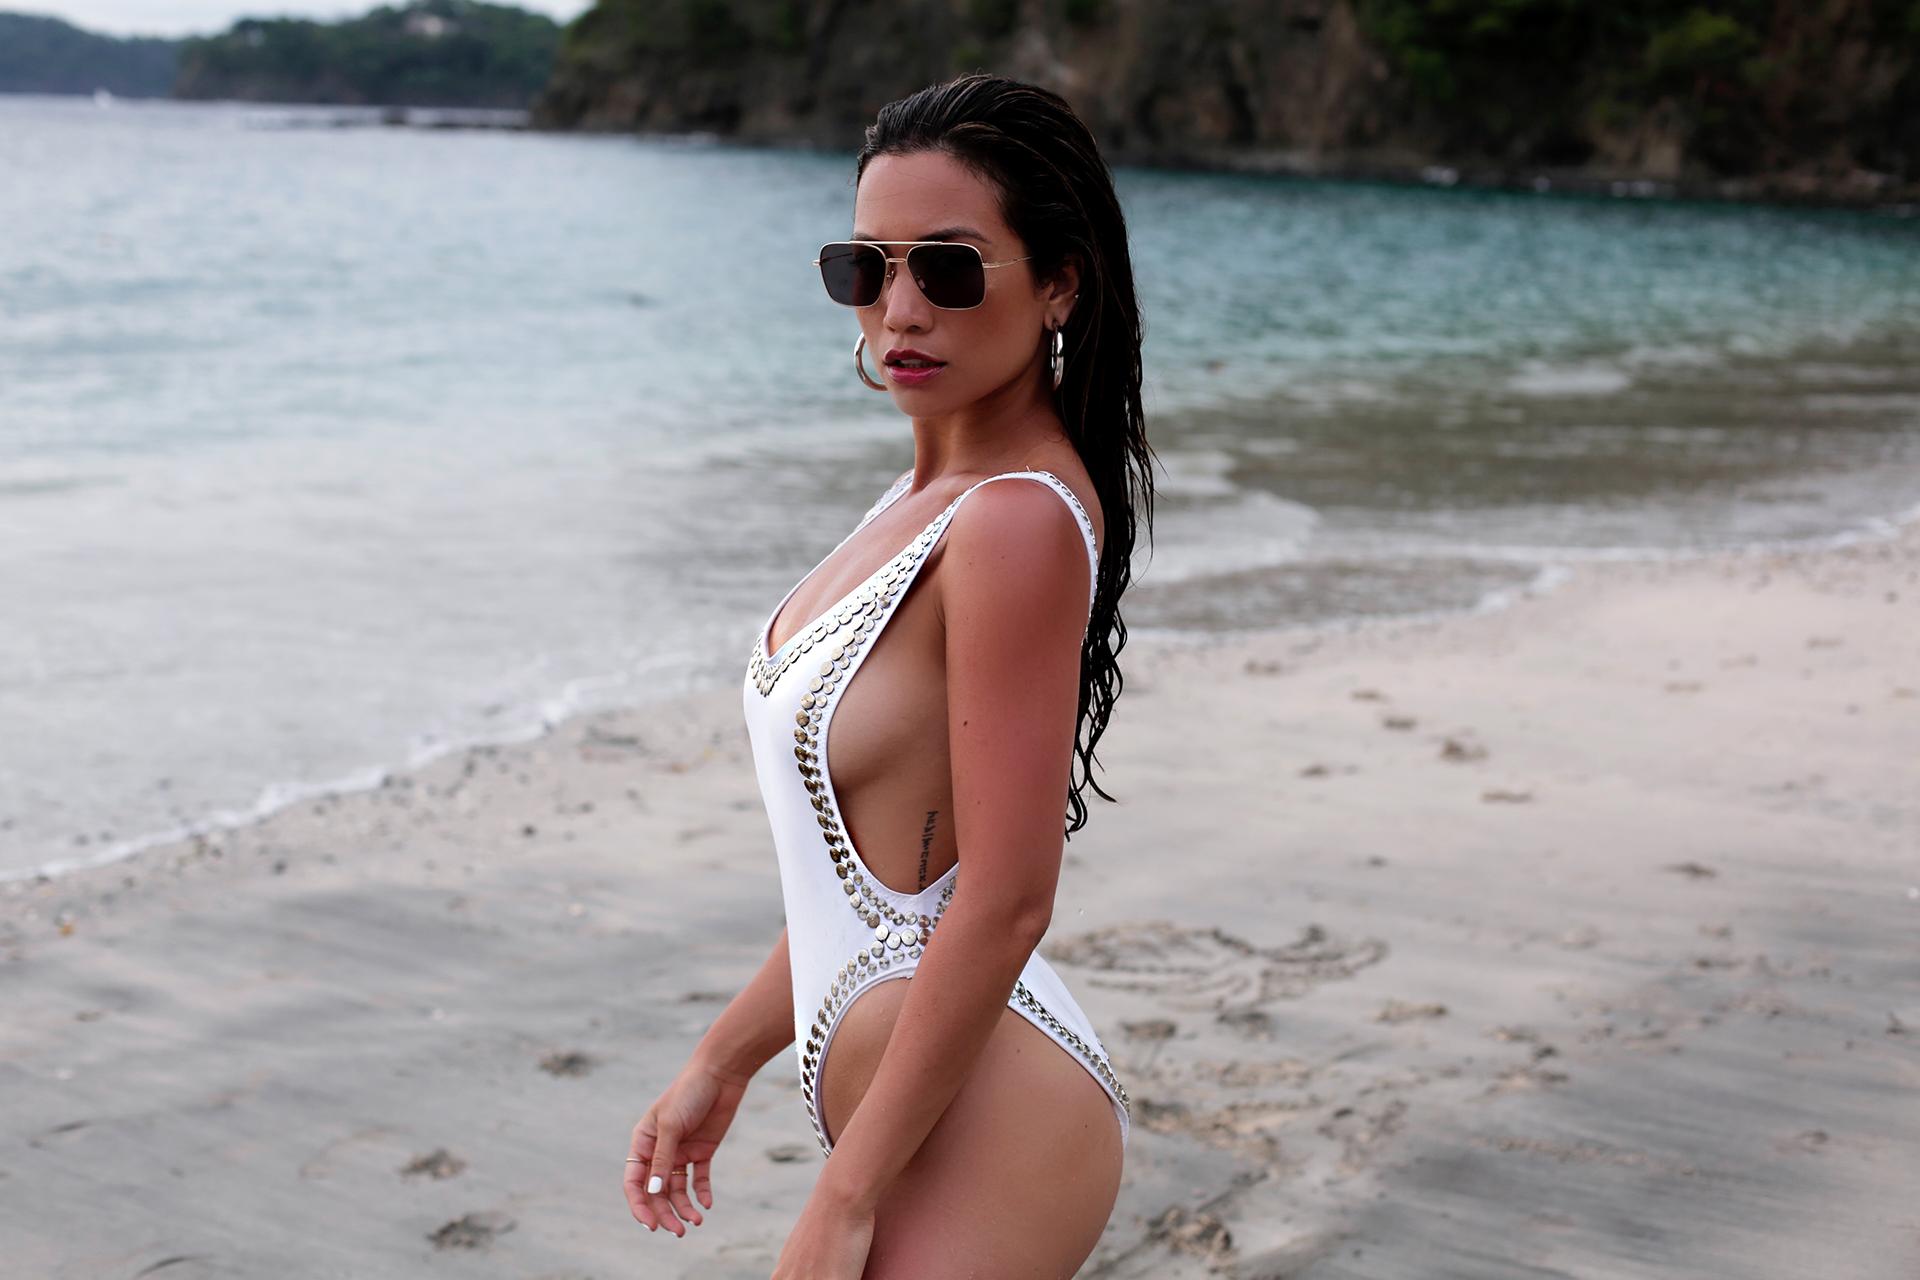 Jessi Malay wearing Norma Kamali one piece swimsuit